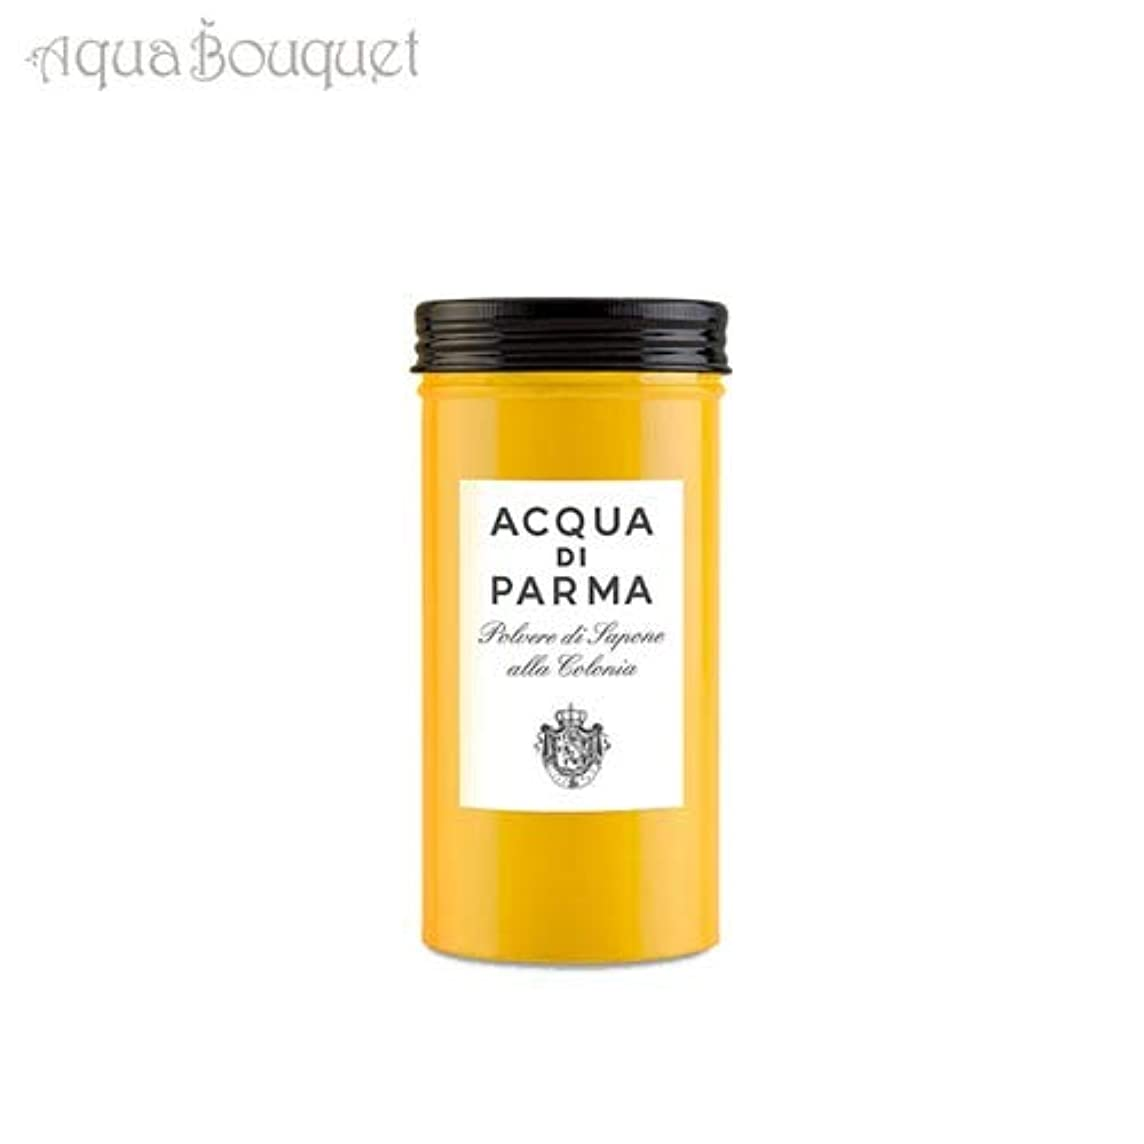 塊バレーボールオーストラリア人アクア ディ パルマ コロニア パウダーソープ 70g ACQUA DI PARMA COLONIA POWDER SOAP [0422] [並行輸入品]